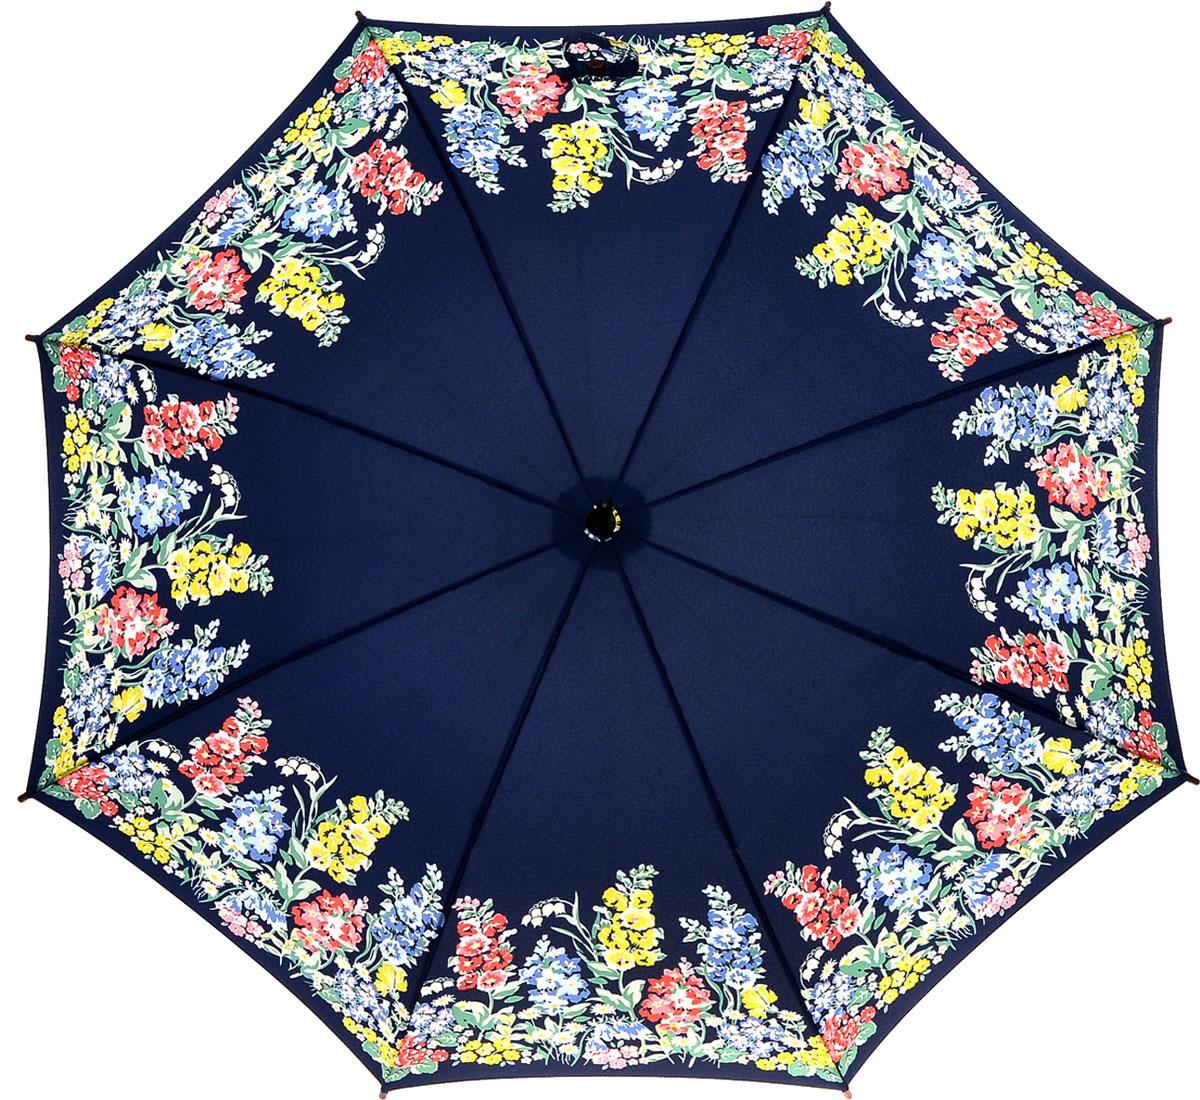 Зонт-трость женский Cath Kidston Kensington, механический, цвет: темно-синий, желтый, зеленый, розовый. L541-3142CX1516-50-10Яркий механический зонт-трость Cath Kidston Kensington даже в ненастную погоду позволит вам оставаться стильной и элегантной. Каркас зонта включает 8 спиц из фибергласса с деревянным наконечниками. Стержень изготовлен из дерева. Купол зонта выполнен из износостойкого полиэстера и оформлен цветочным принтом. Изделие дополнено удобной рукояткой из гладкого дерева.Зонт механического сложения: купол открывается и закрывается вручную до характерного щелчка. Модель дополнительно застегивается с помощью двух хлястиков: на кнопку и липучку с декоративной пуговицей.Такой зонт не только надежно защитит вас от дождя, но и станет стильным аксессуаром, который идеально подчеркнет ваш неповторимый образ.